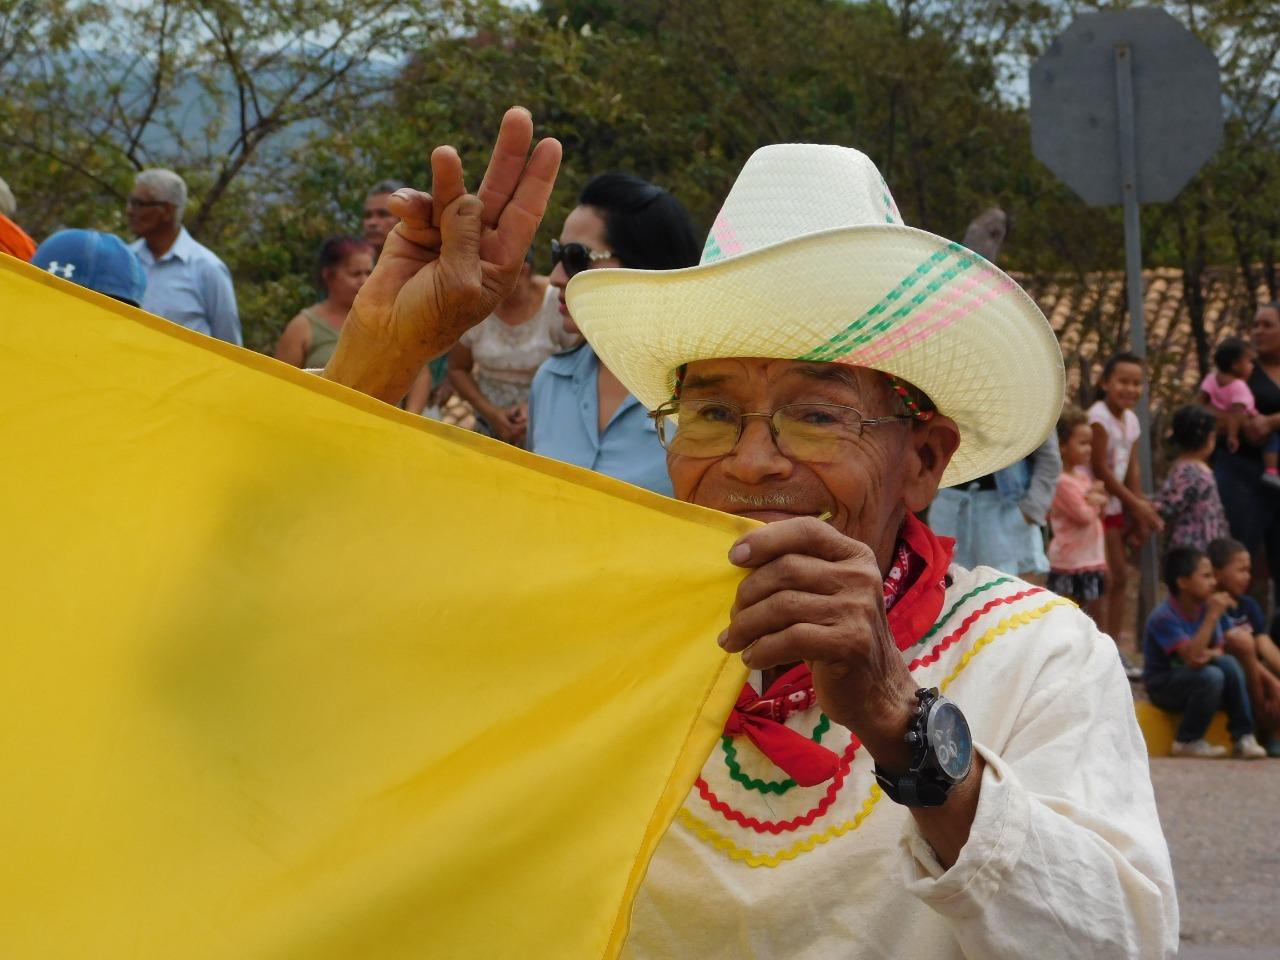 Representante del grupo de danza folclórica para mayores